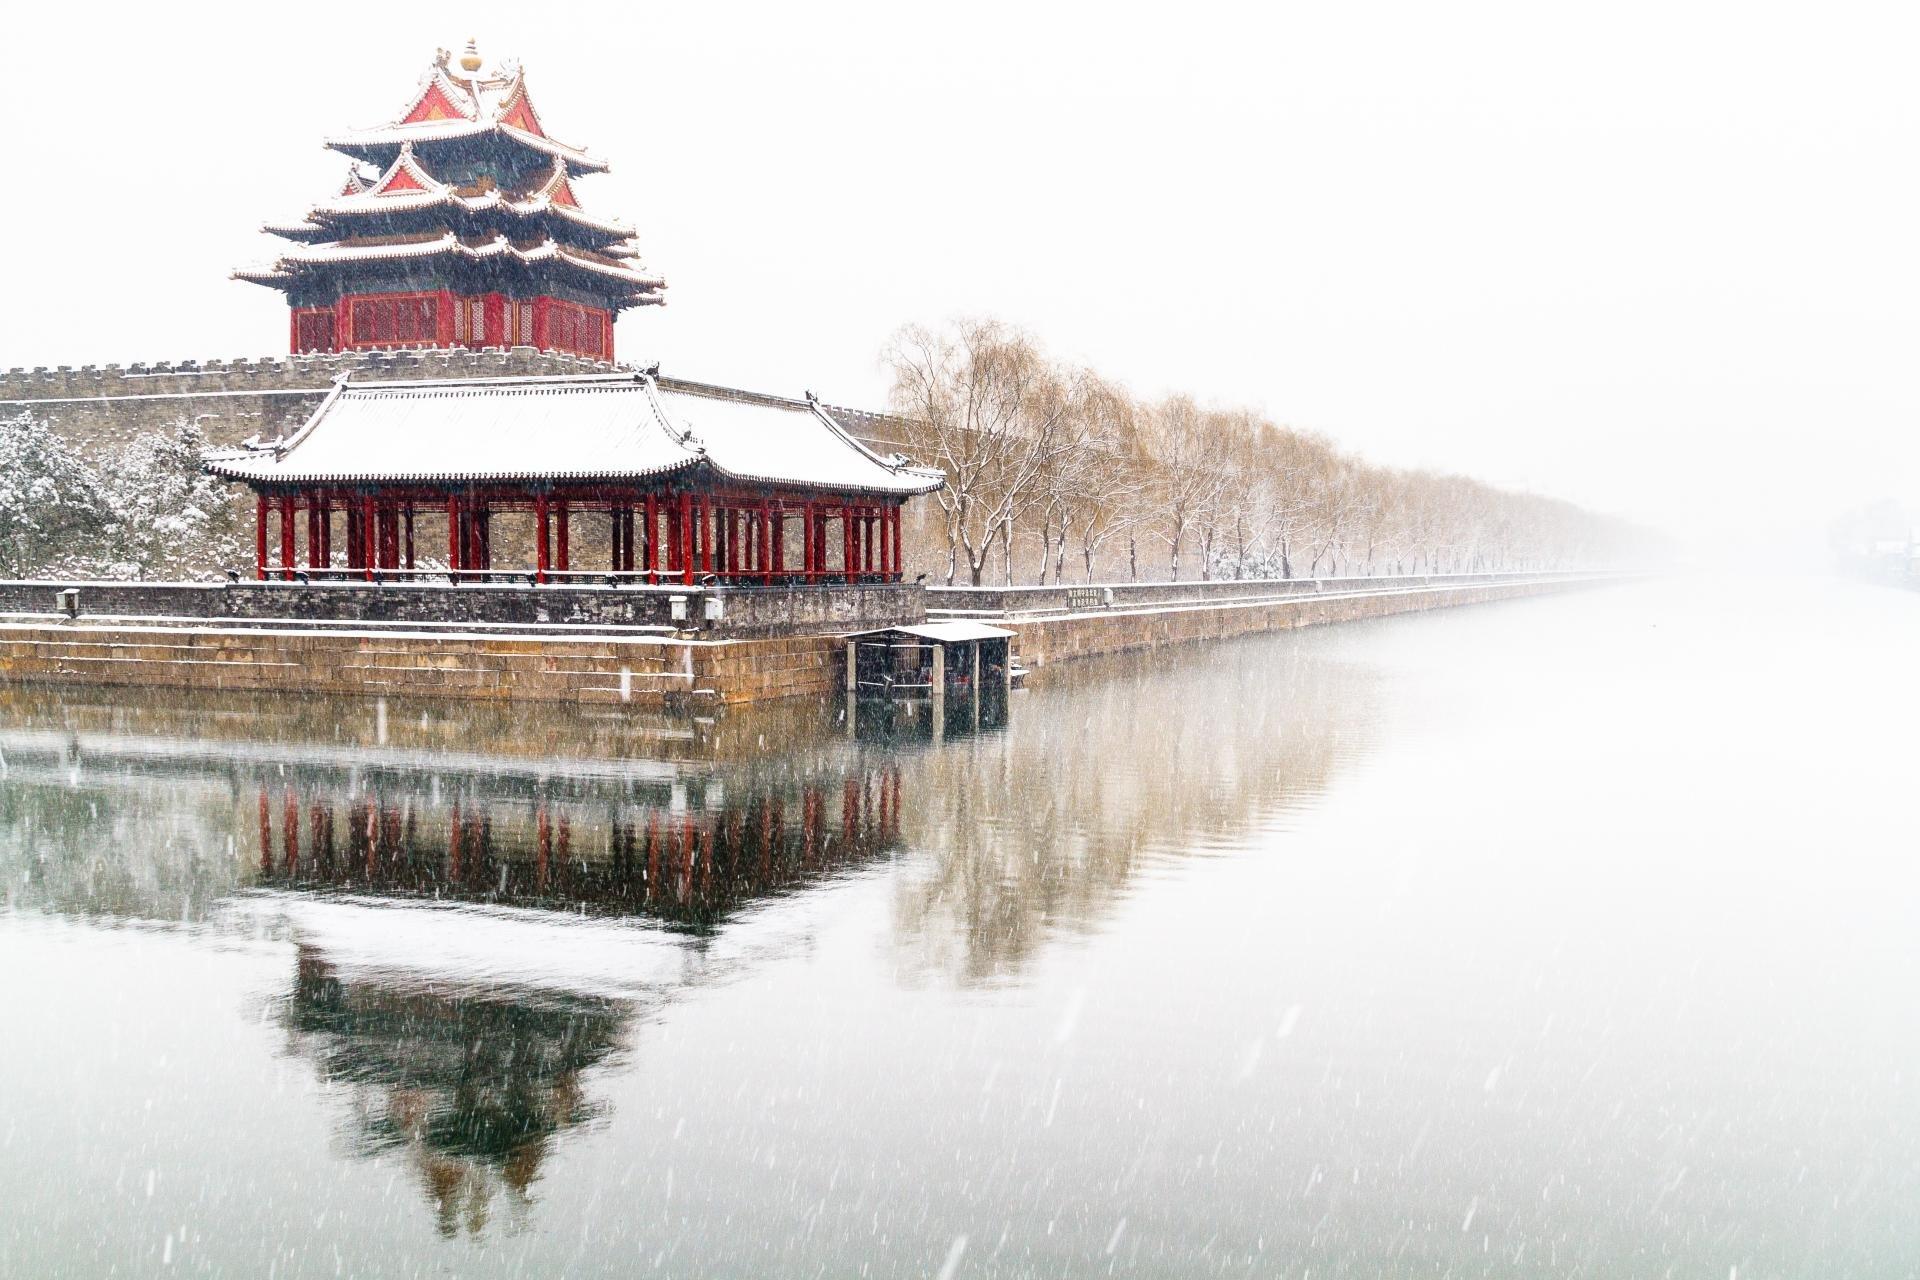 Зима 2019 - начало сезона по китайскому календарю